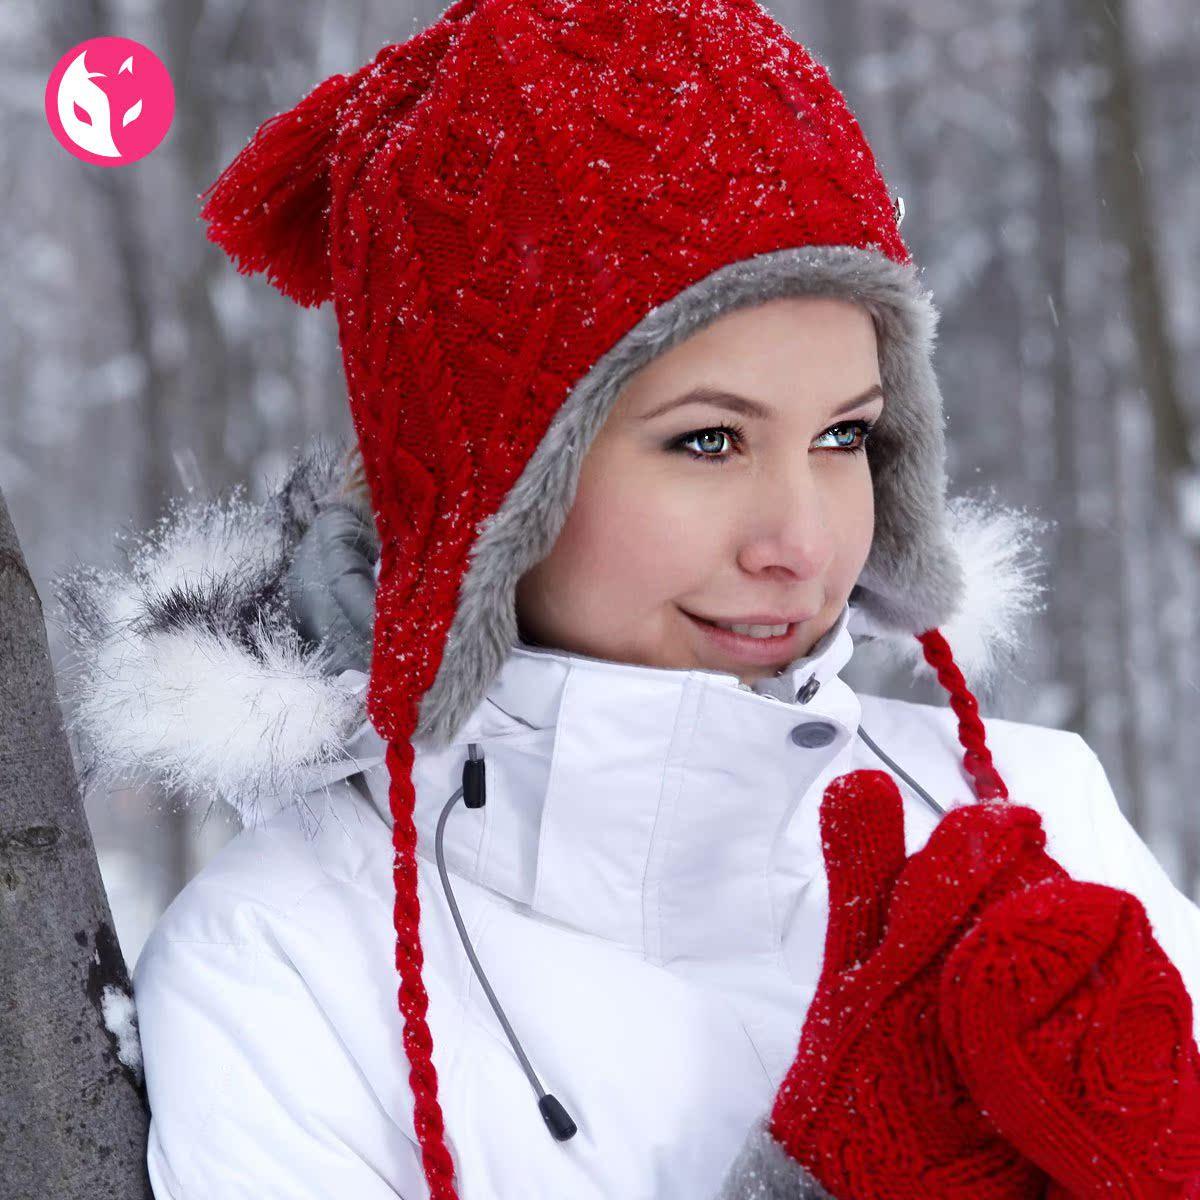 正品快乐狐狸冬天女士帽子 保暖加厚加绒 针织护耳帽子 afc-0630